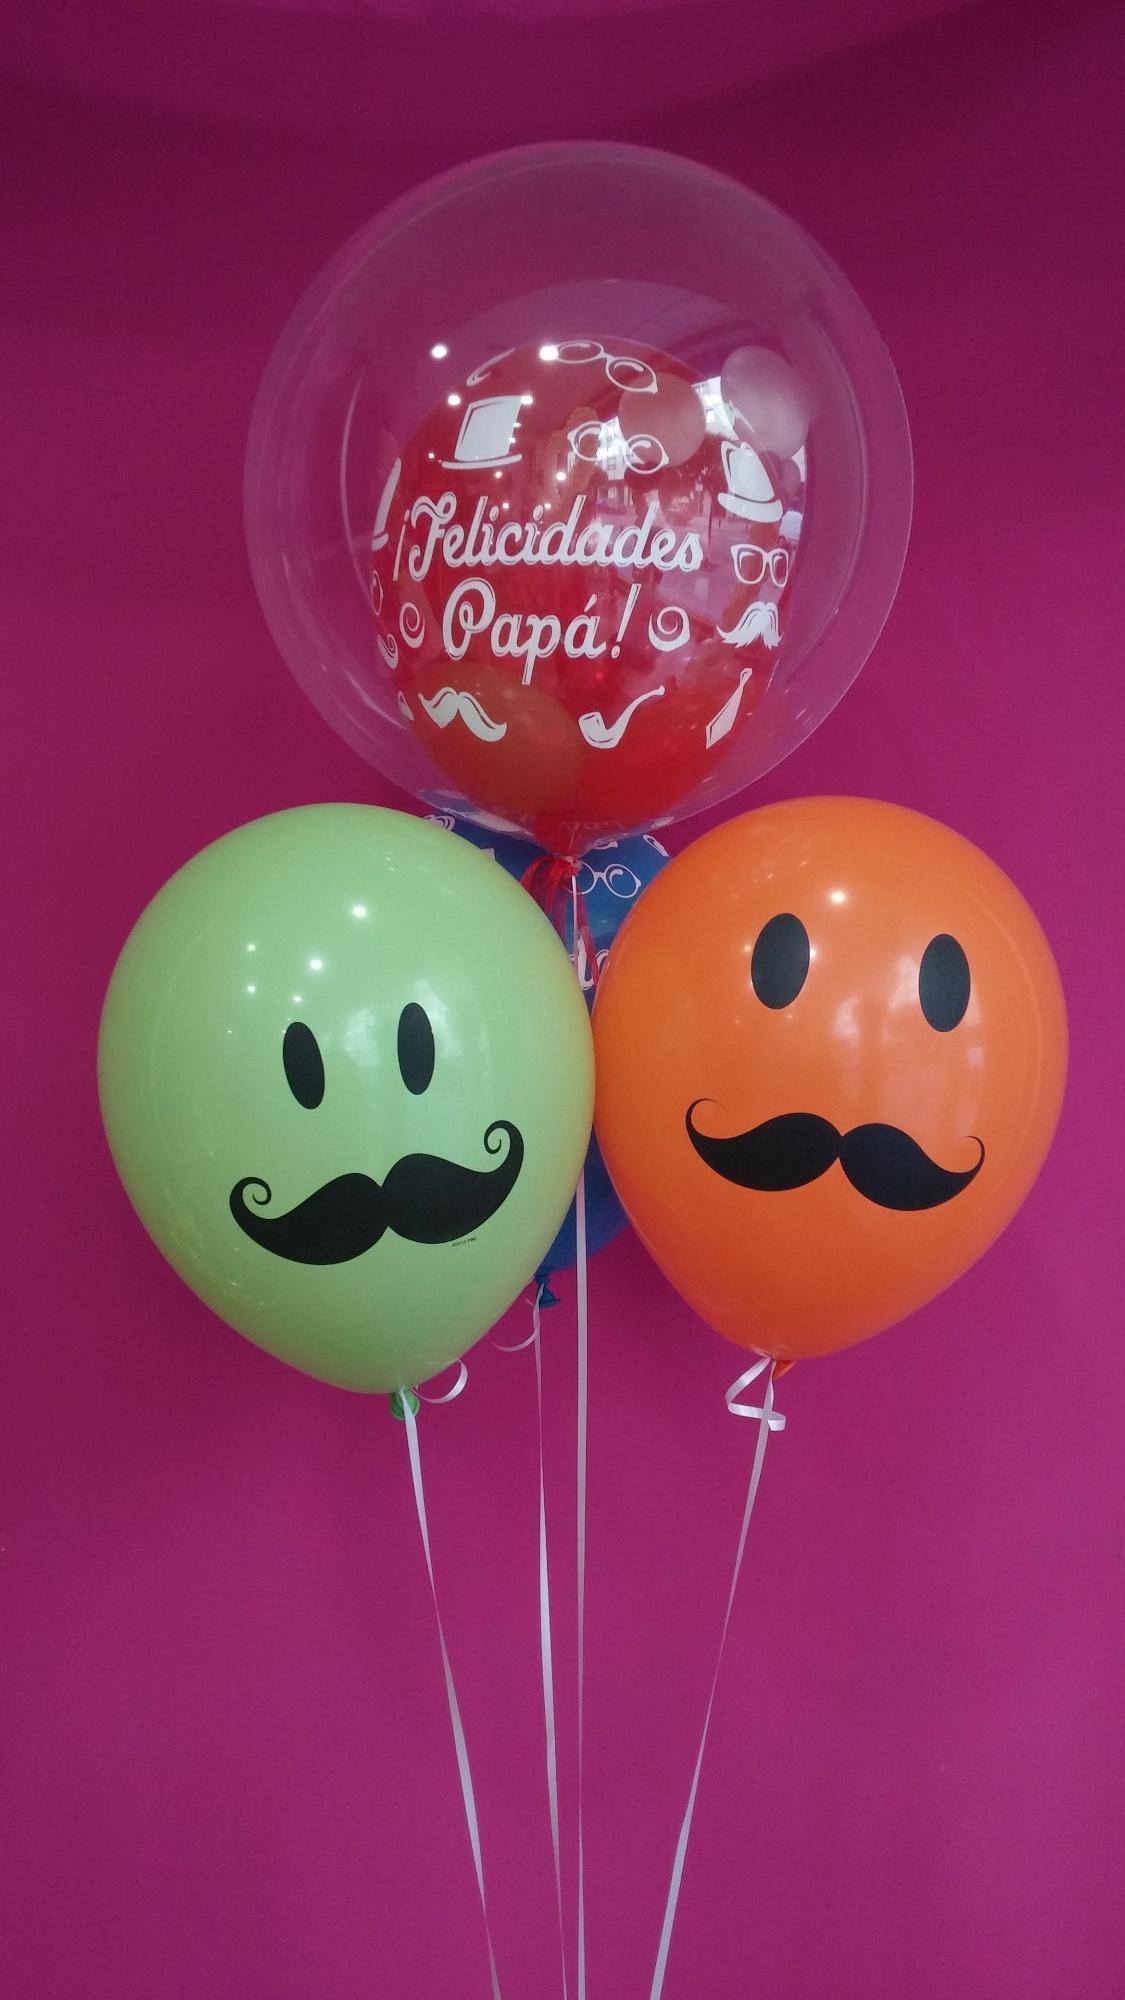 Decoraci n y regalos con globos globossol for Decoracion x el dia del padre